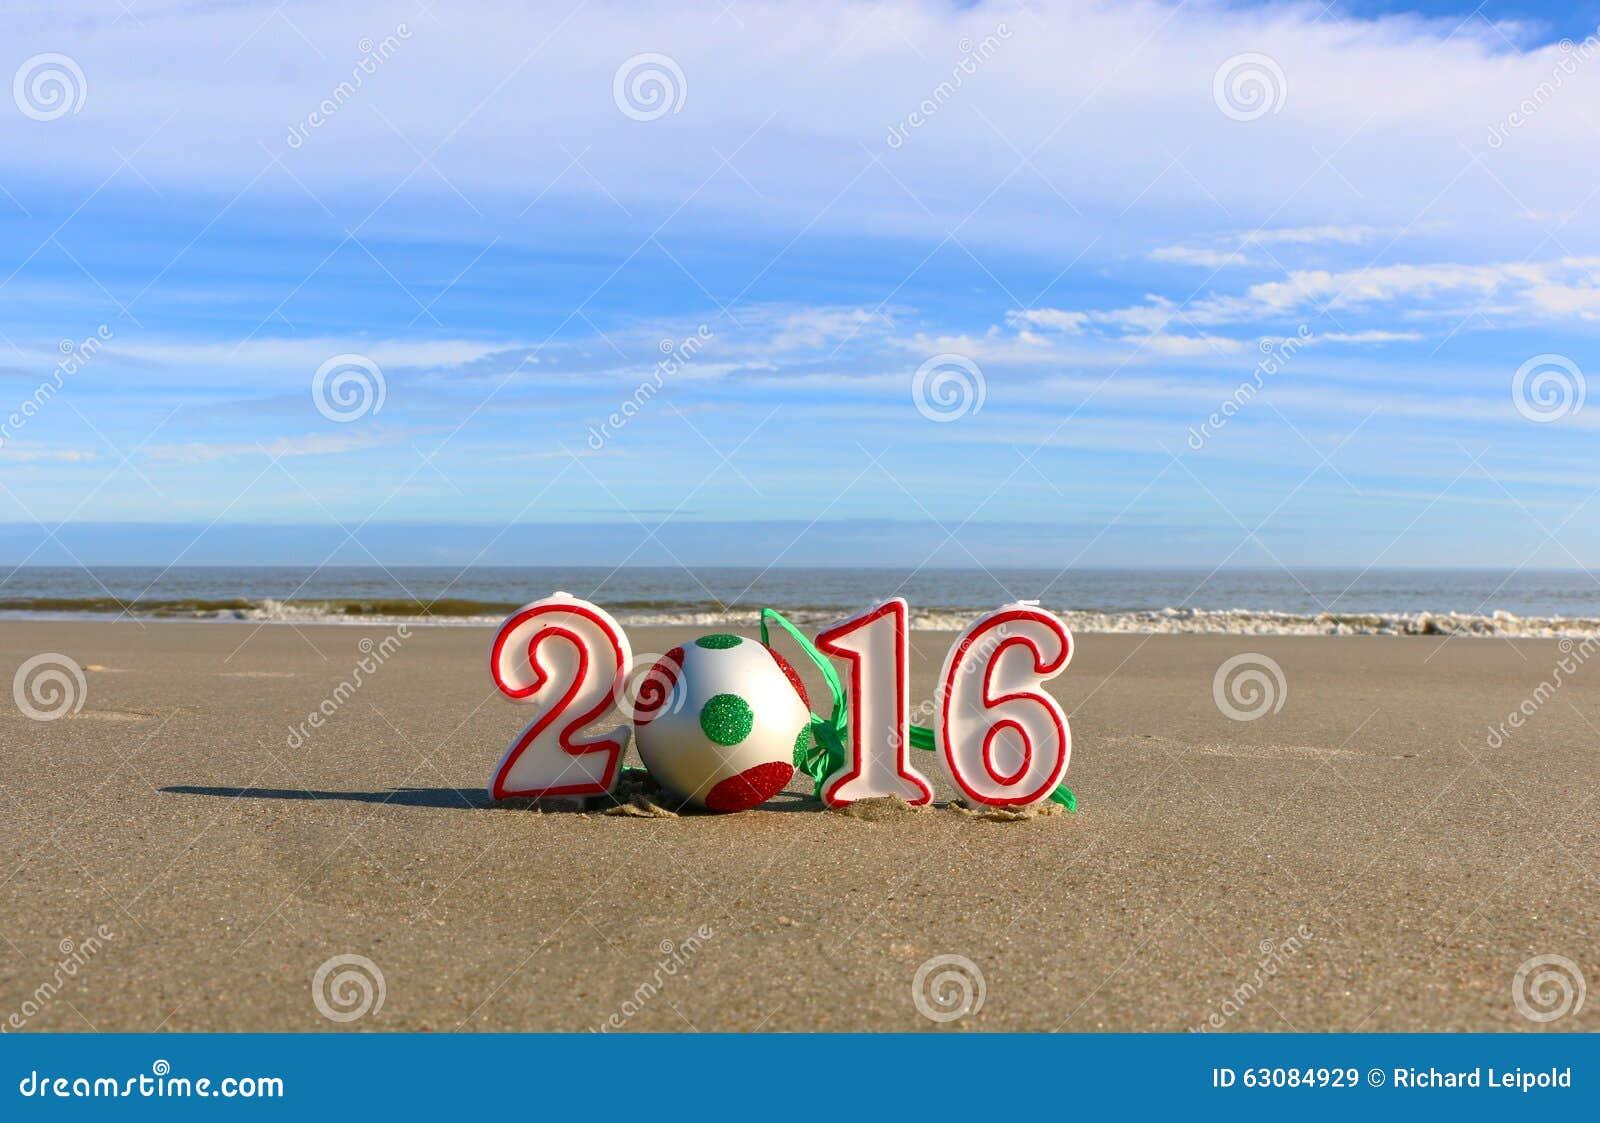 Download Les vacances d'an neuf image stock. Image du festive - 63084929